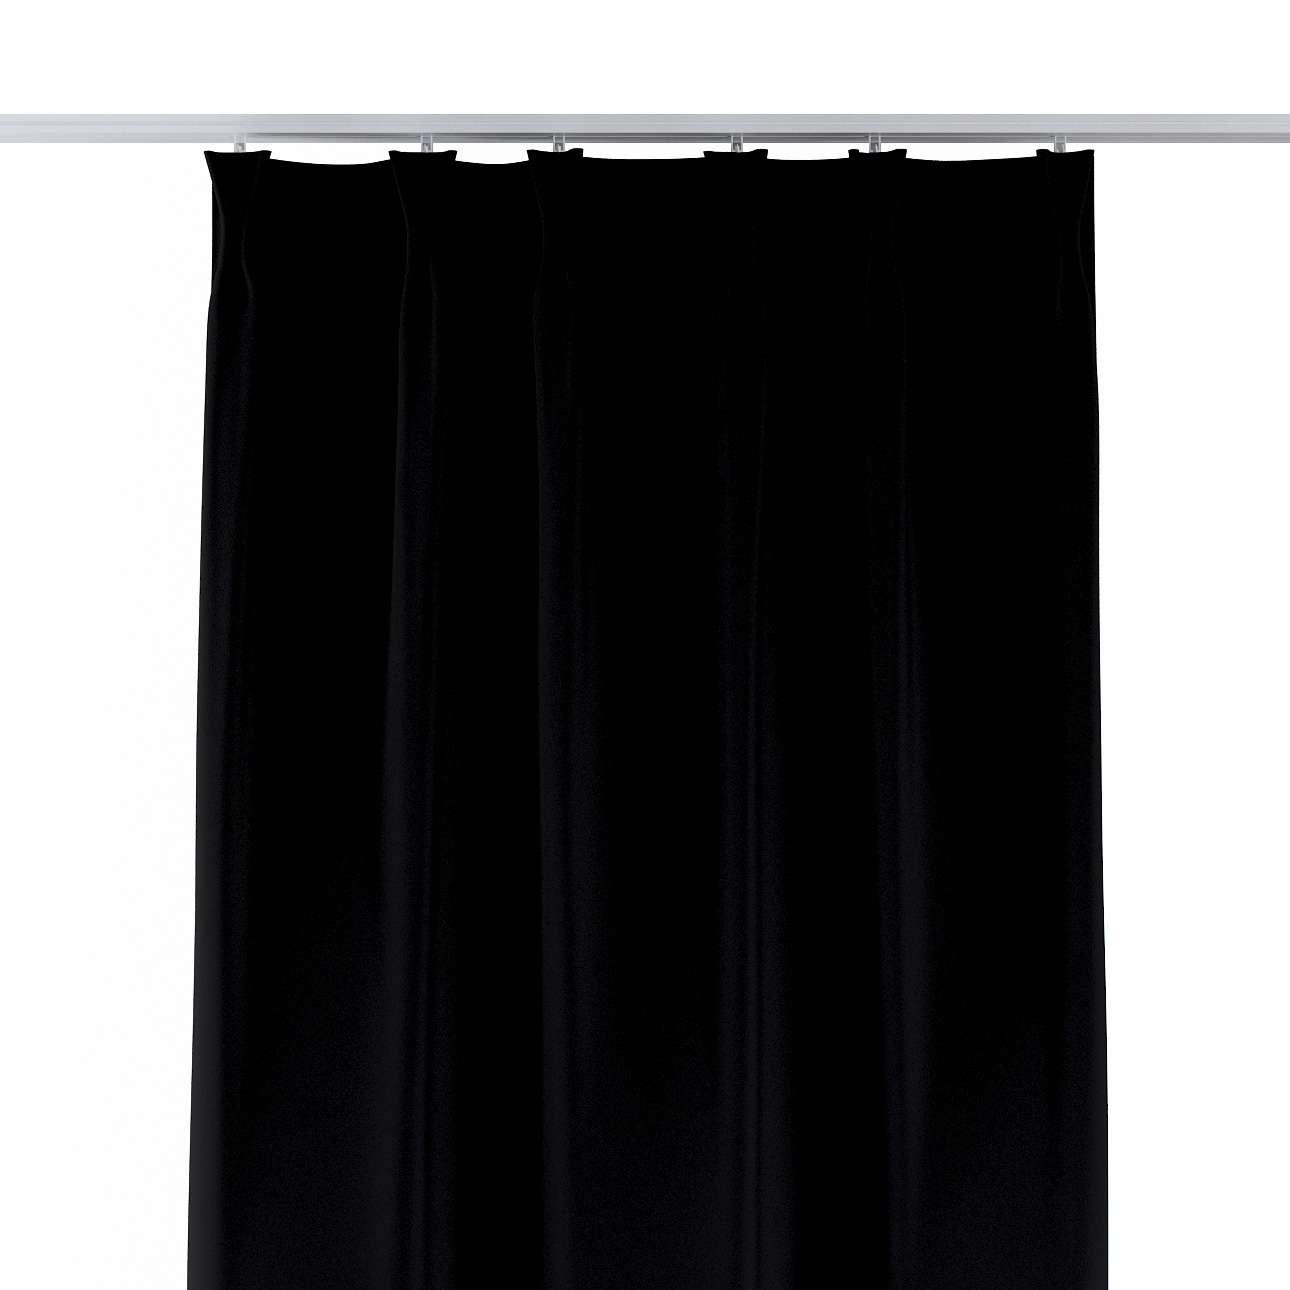 Gordijn met vlaamse plooi van de collectie Blackout (verduisterd), Stof: 269-99